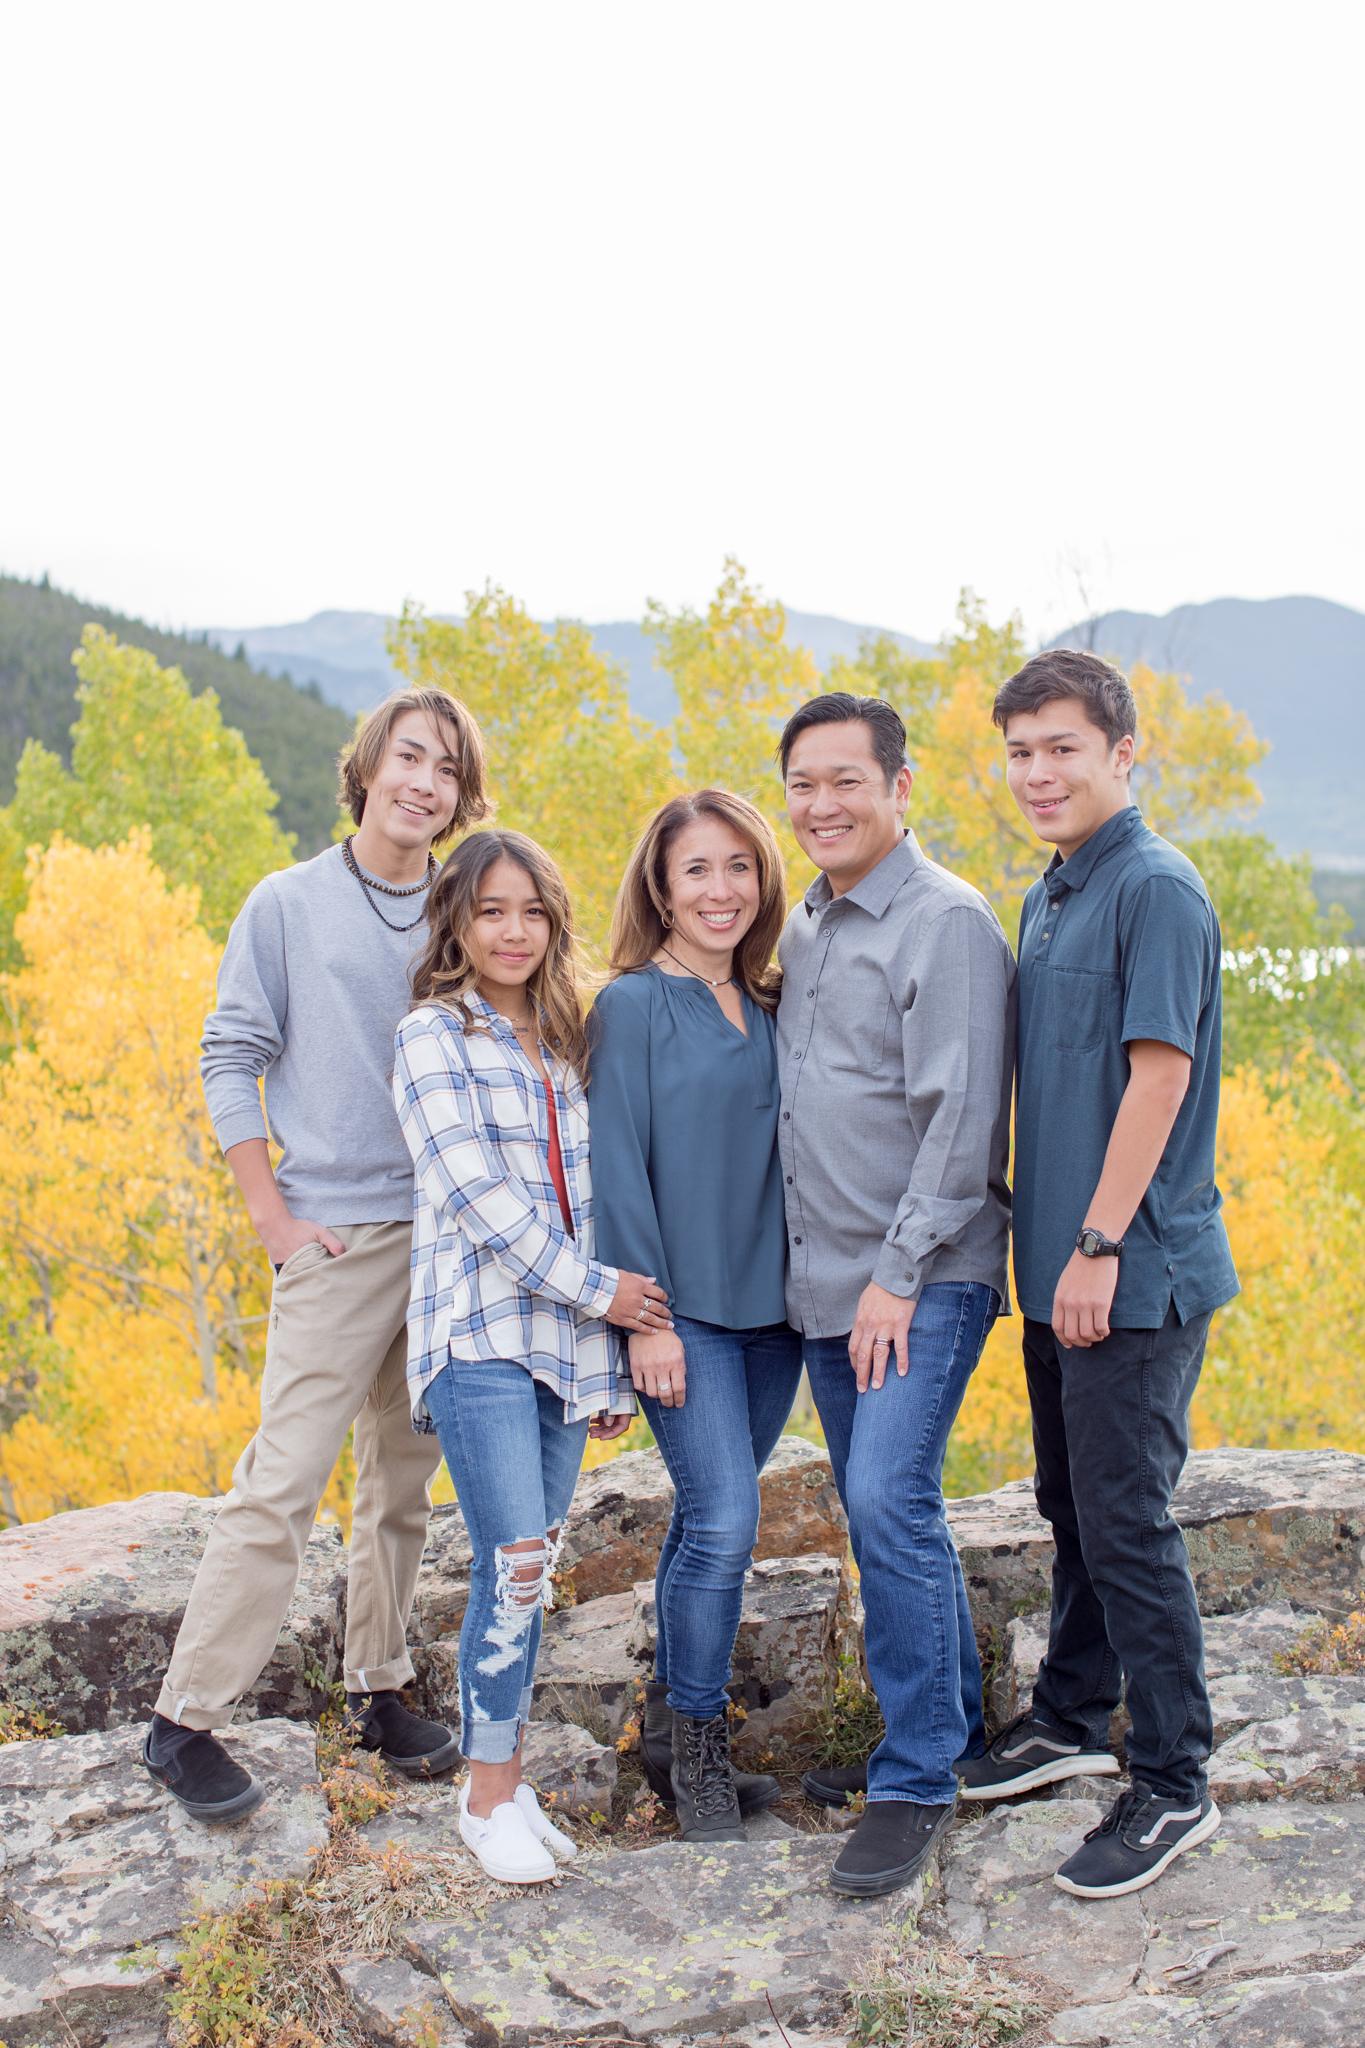 Dalrymple Family Breckenridge Family Photo Session